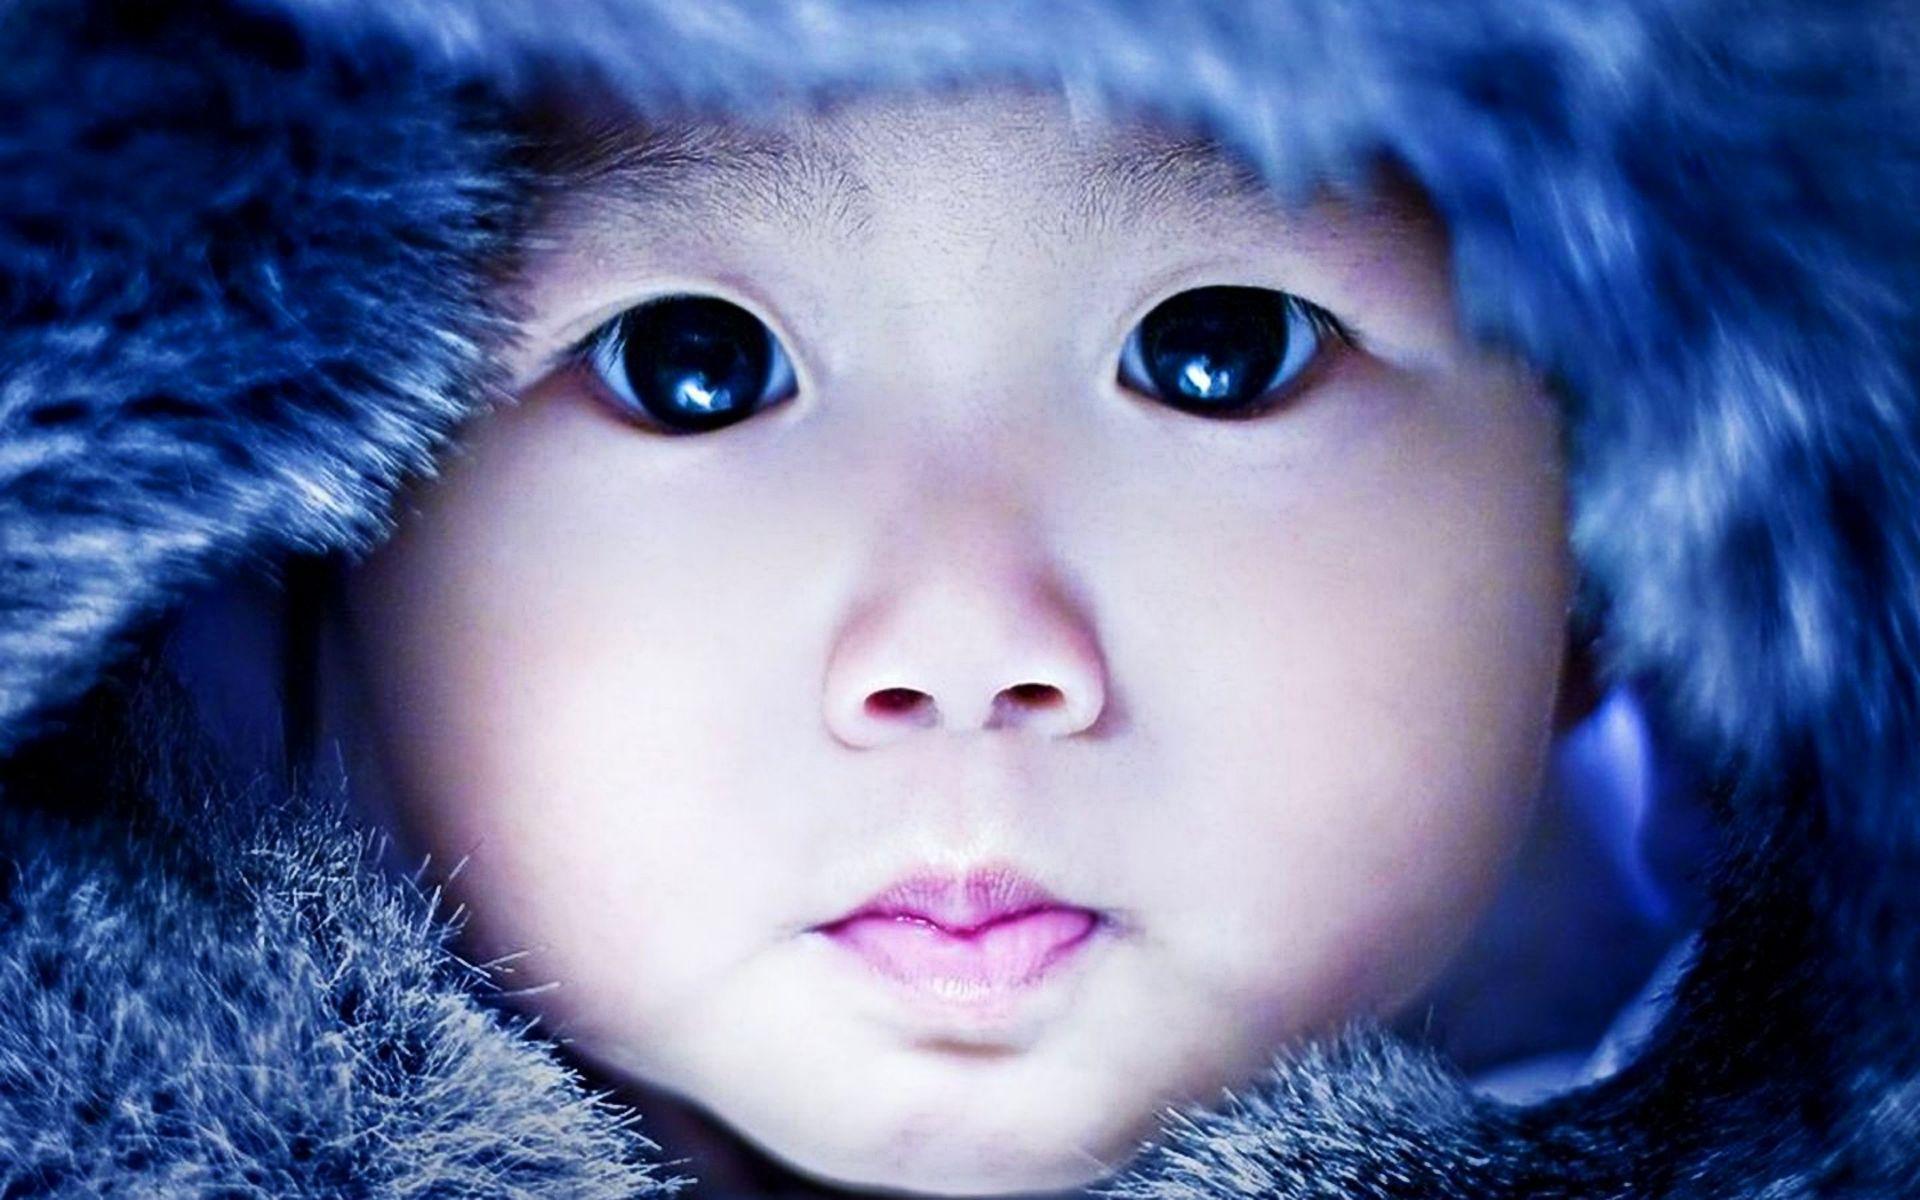 Light Blue Eyes Tumblr wallpaper.